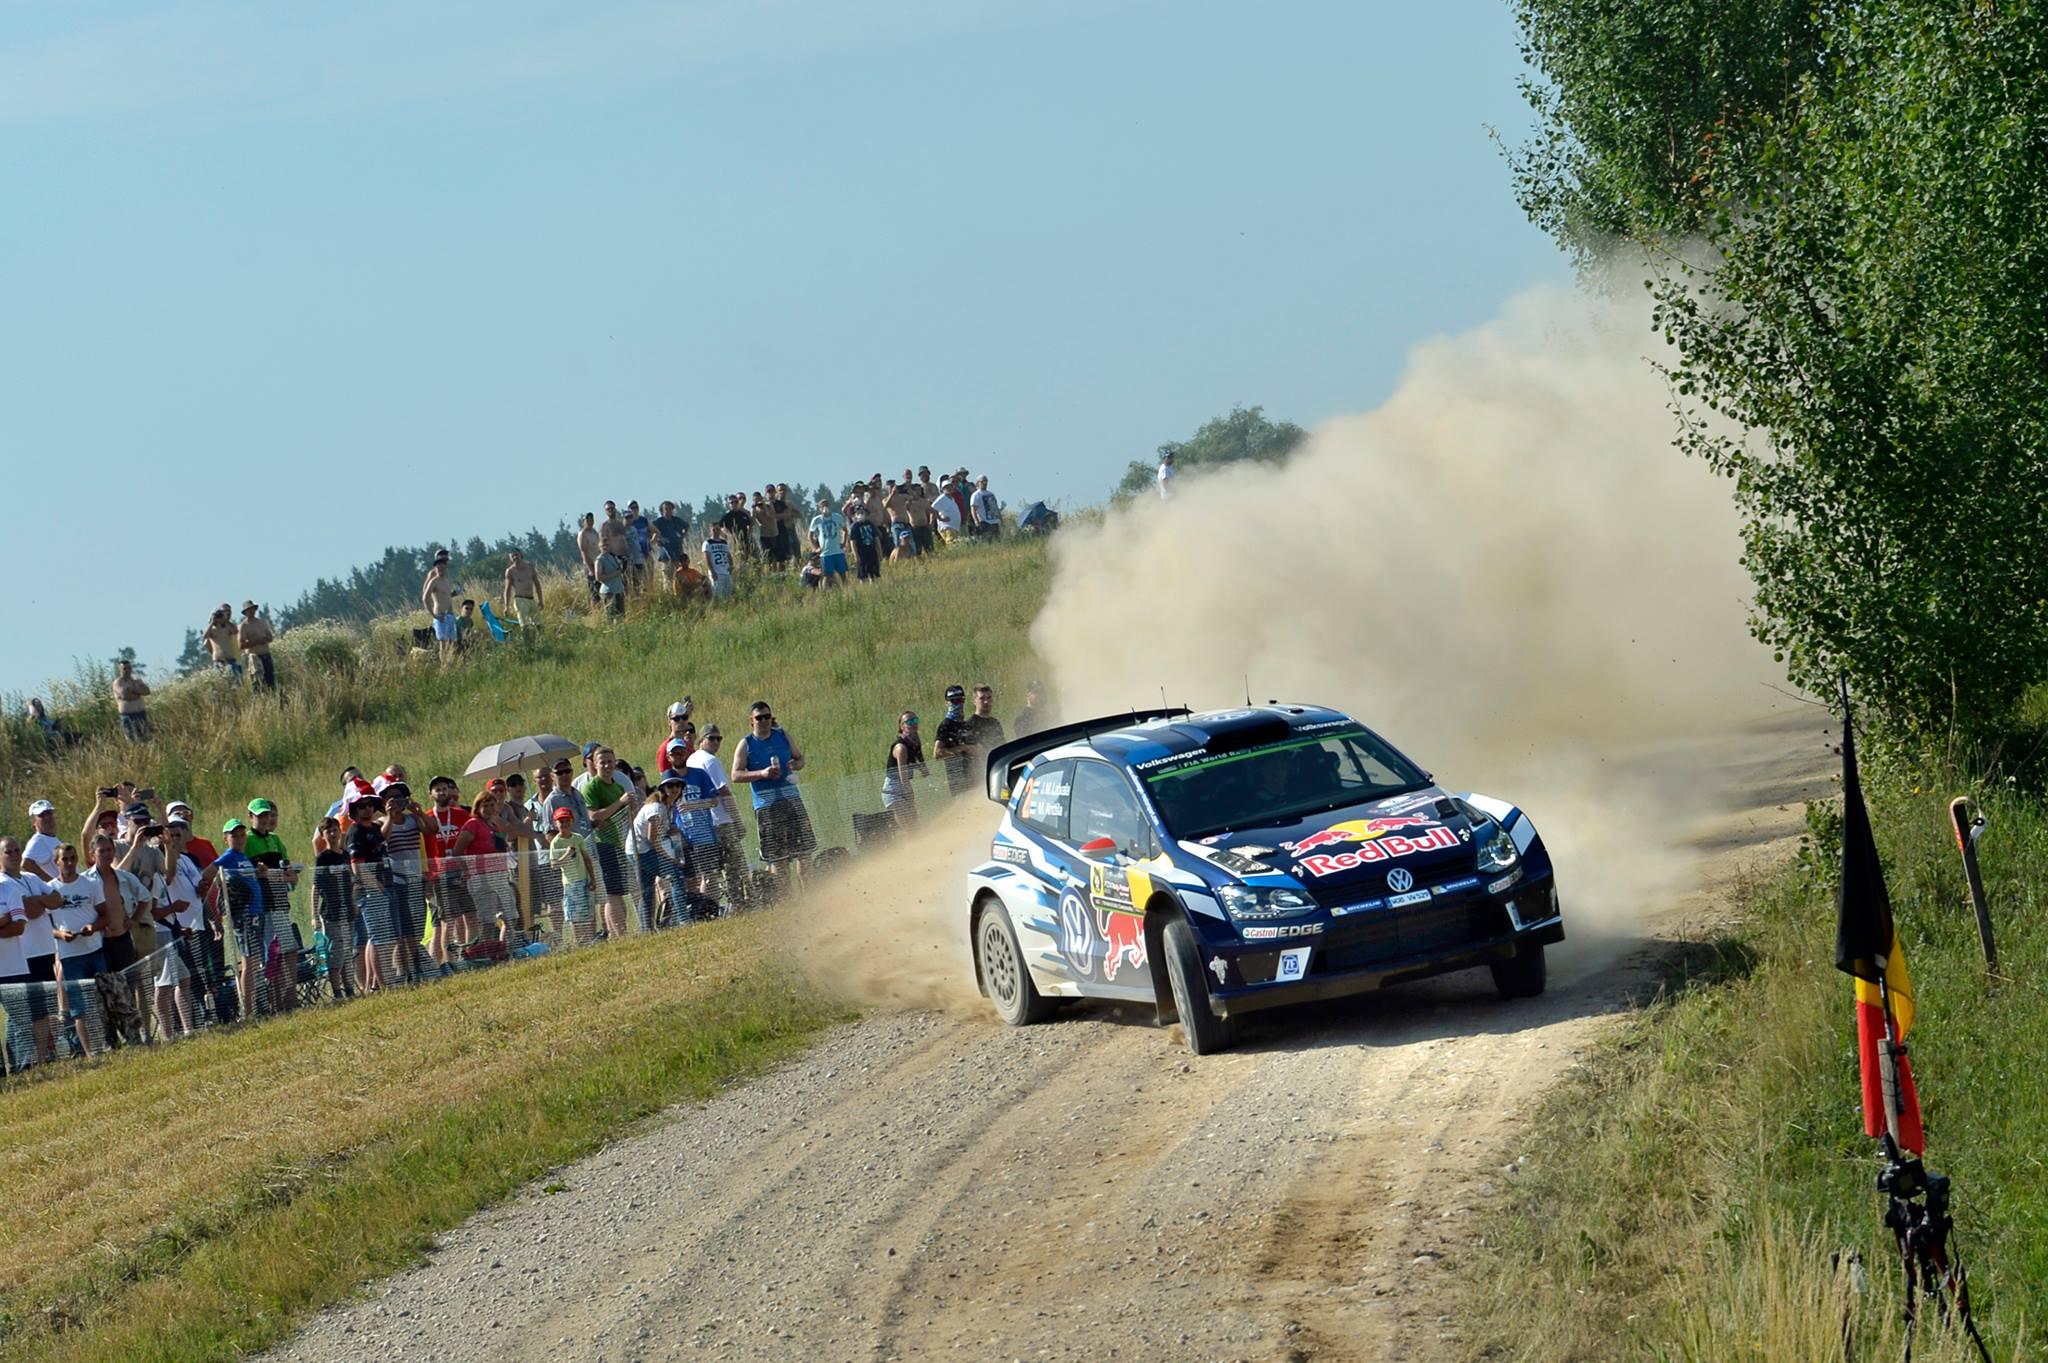 Rallye a venir